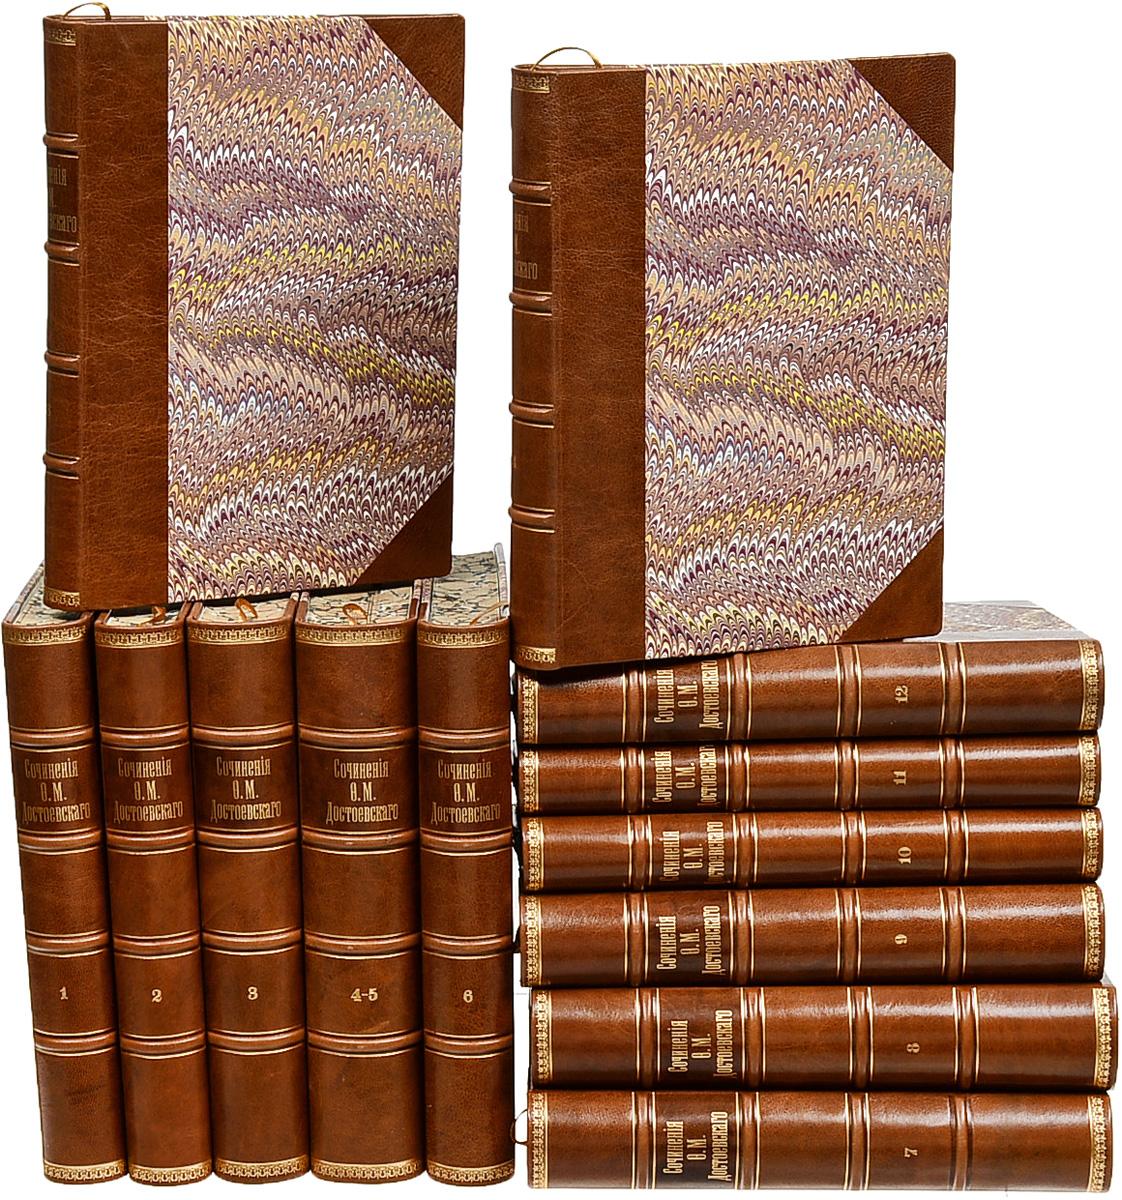 Ф. М. Достоевский. Полное собрание сочинений. В 14 томах (комплект из 13 книг)